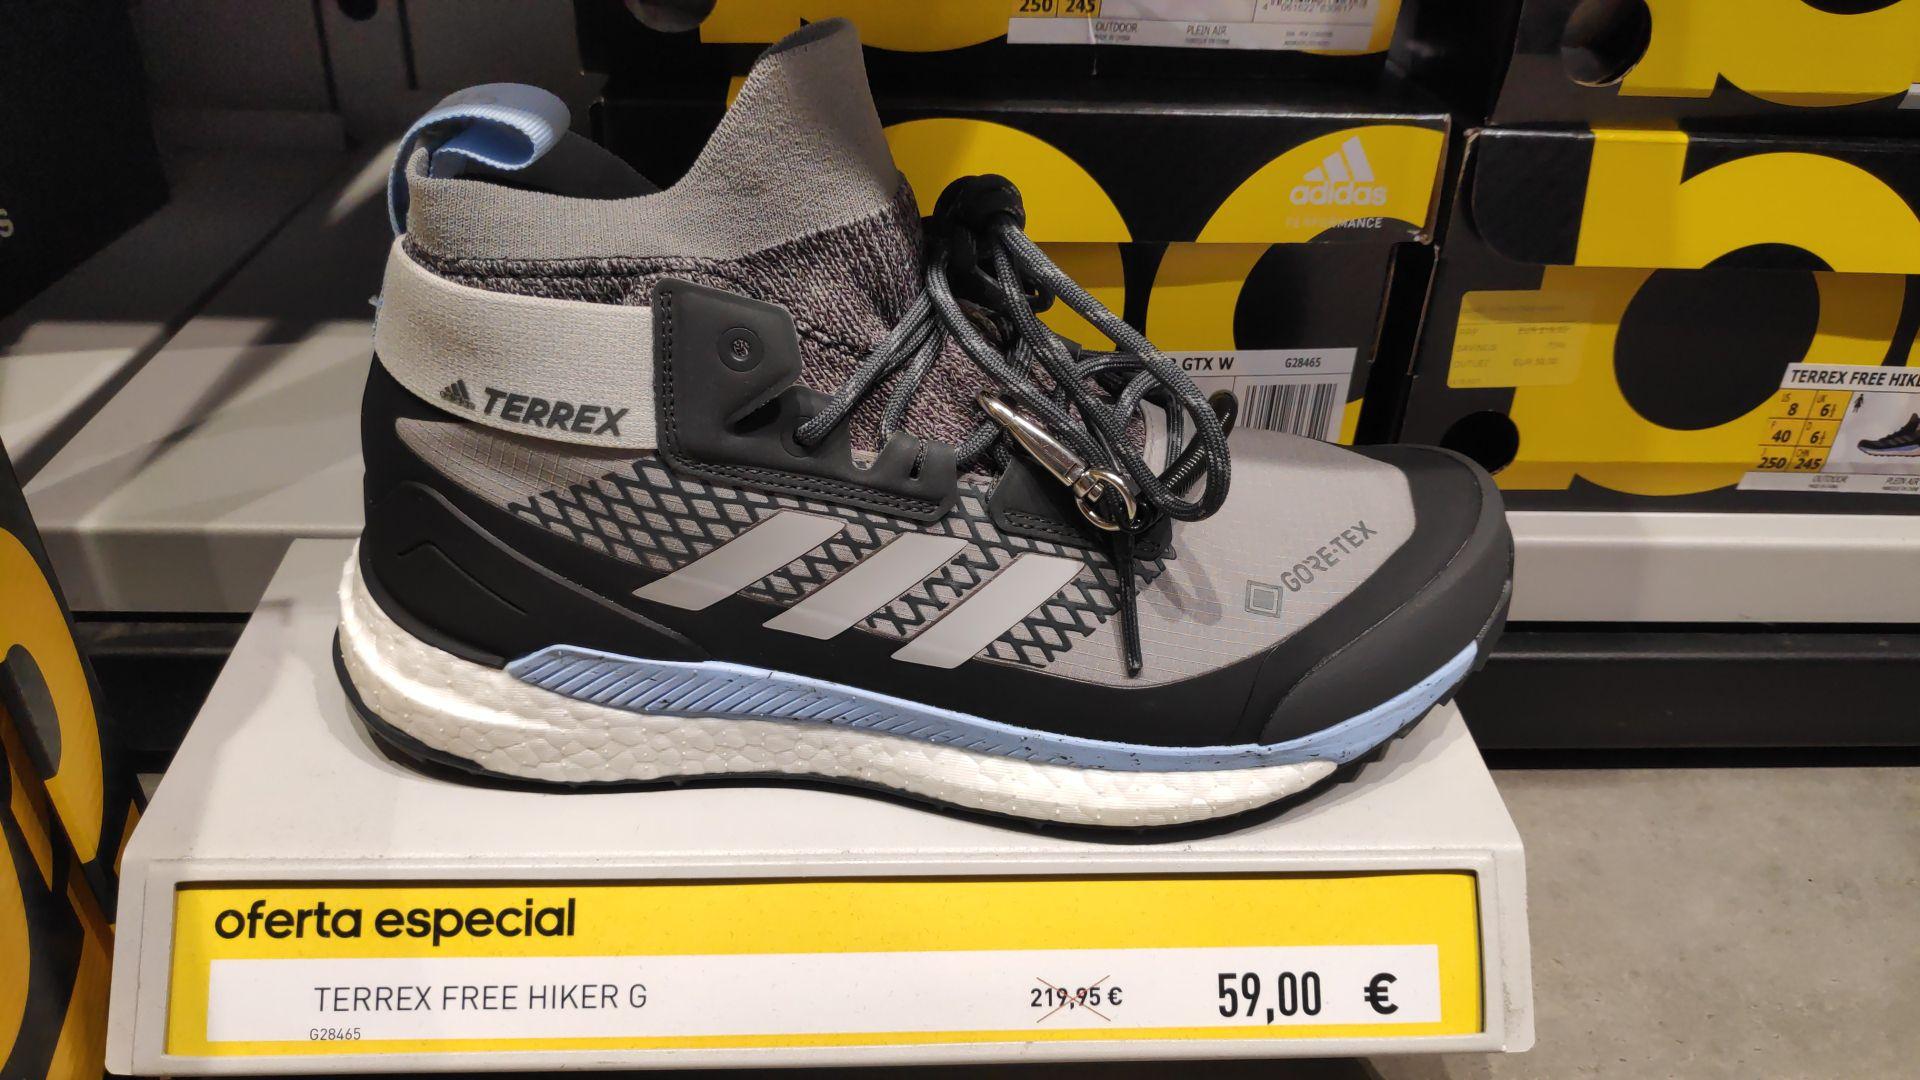 Botas de montaña Adidas Terrex Free Hiker de mujer en Factory Adidas Alcorcón (Madrid)